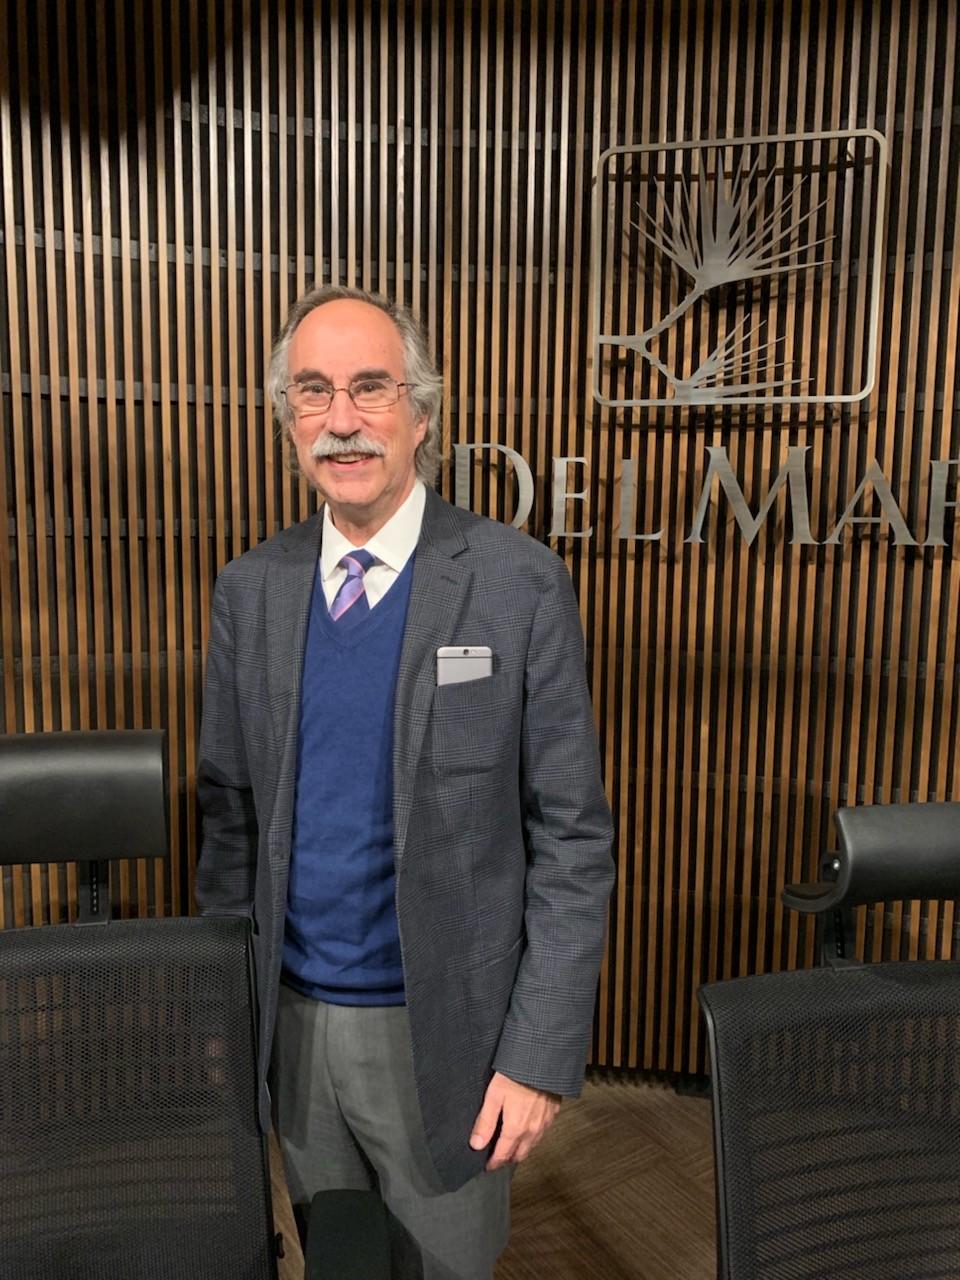 Mayor Dave Druker